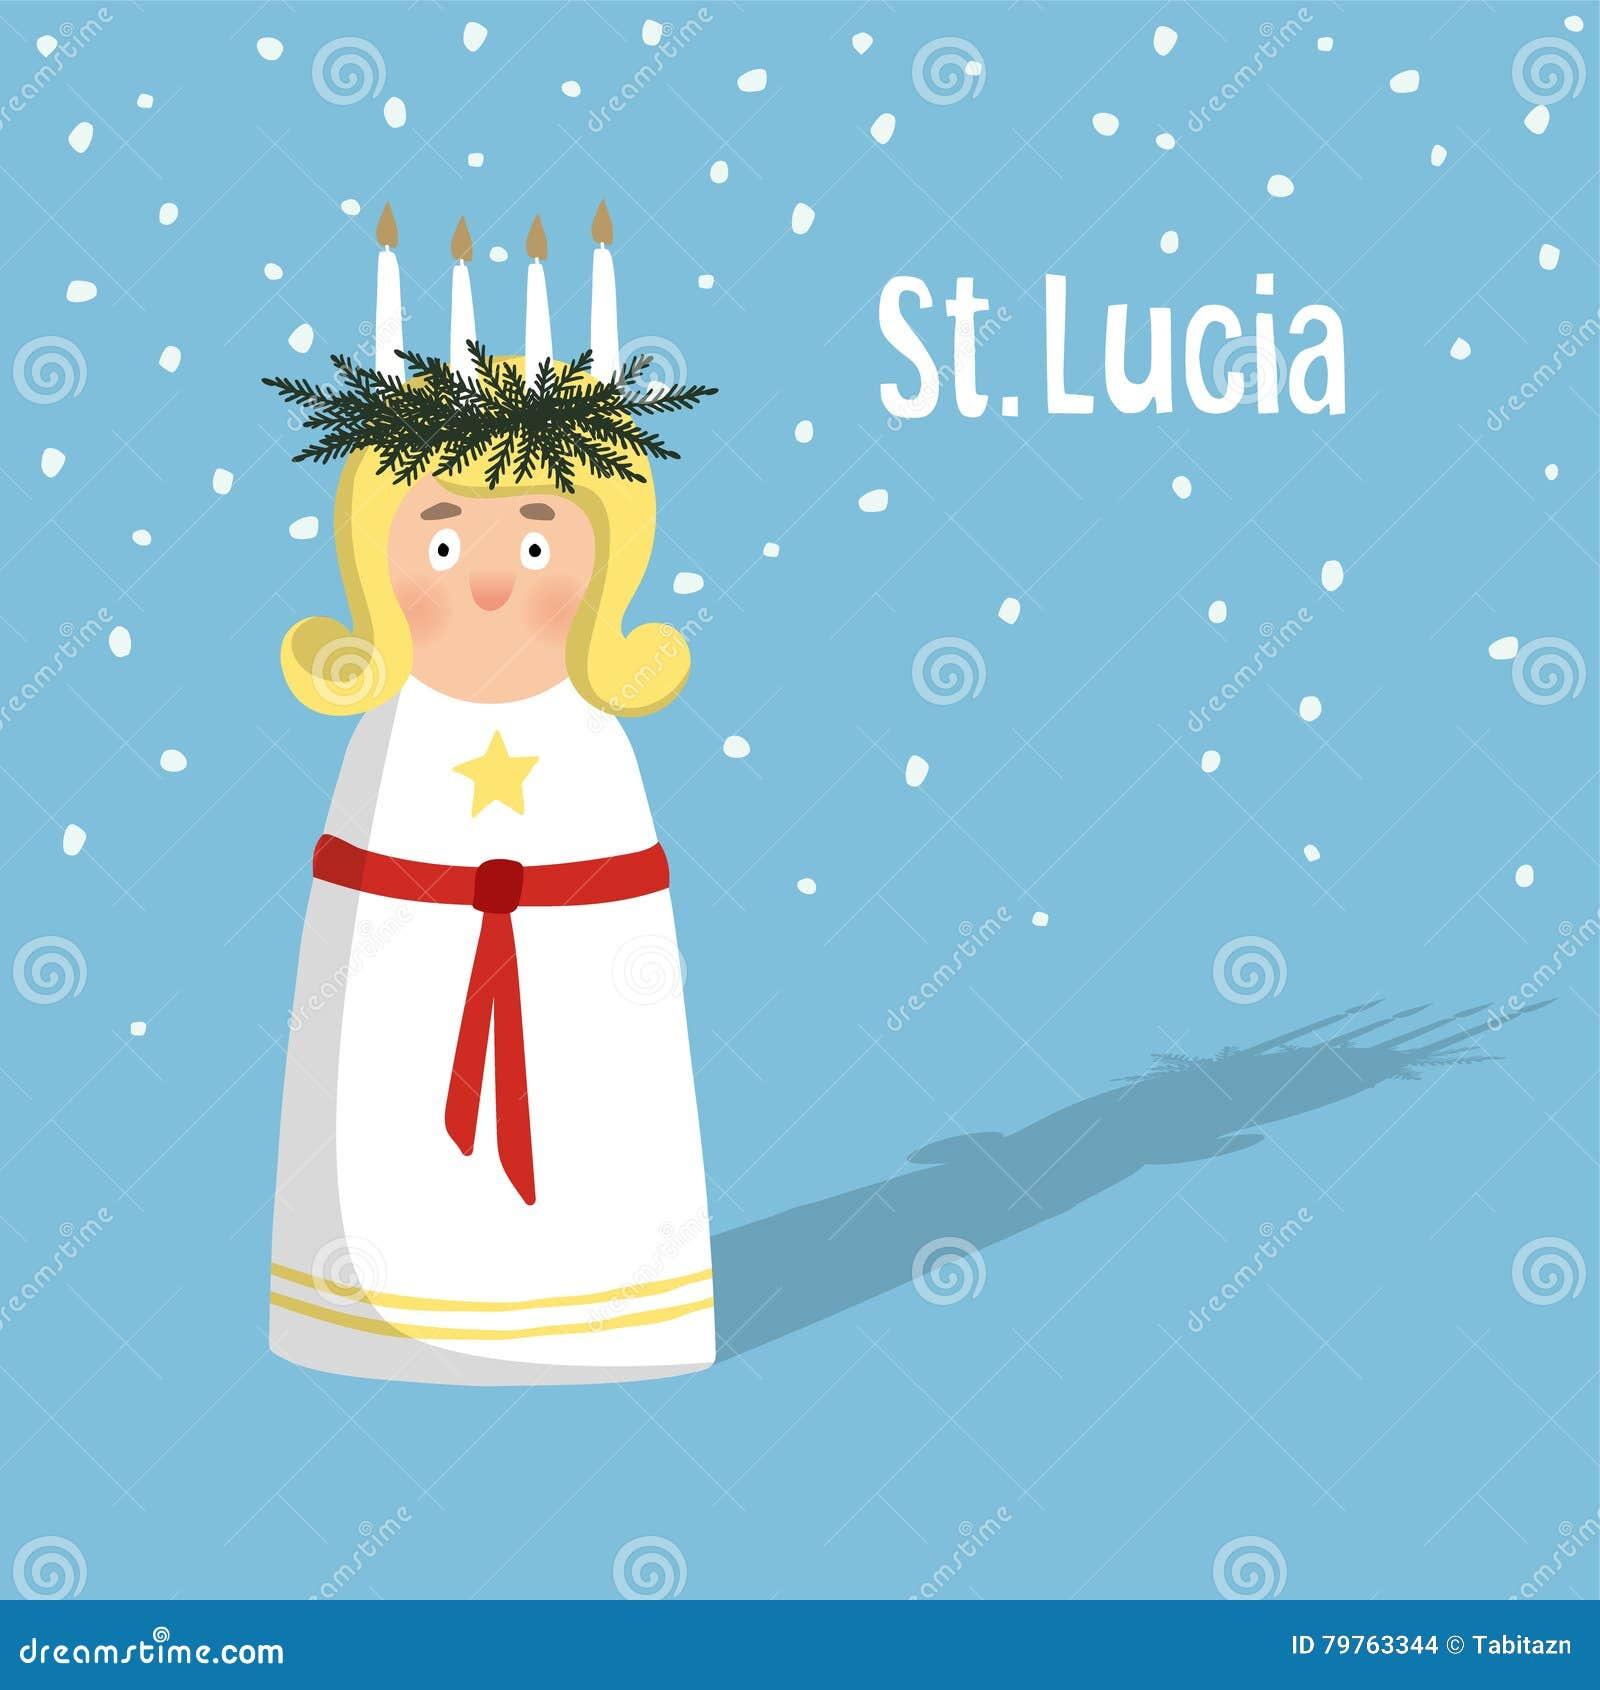 有花圈的小白肤金发的女孩和蜡烛加冠,圣卢西亚 瑞典圣诞节传统,例证背景